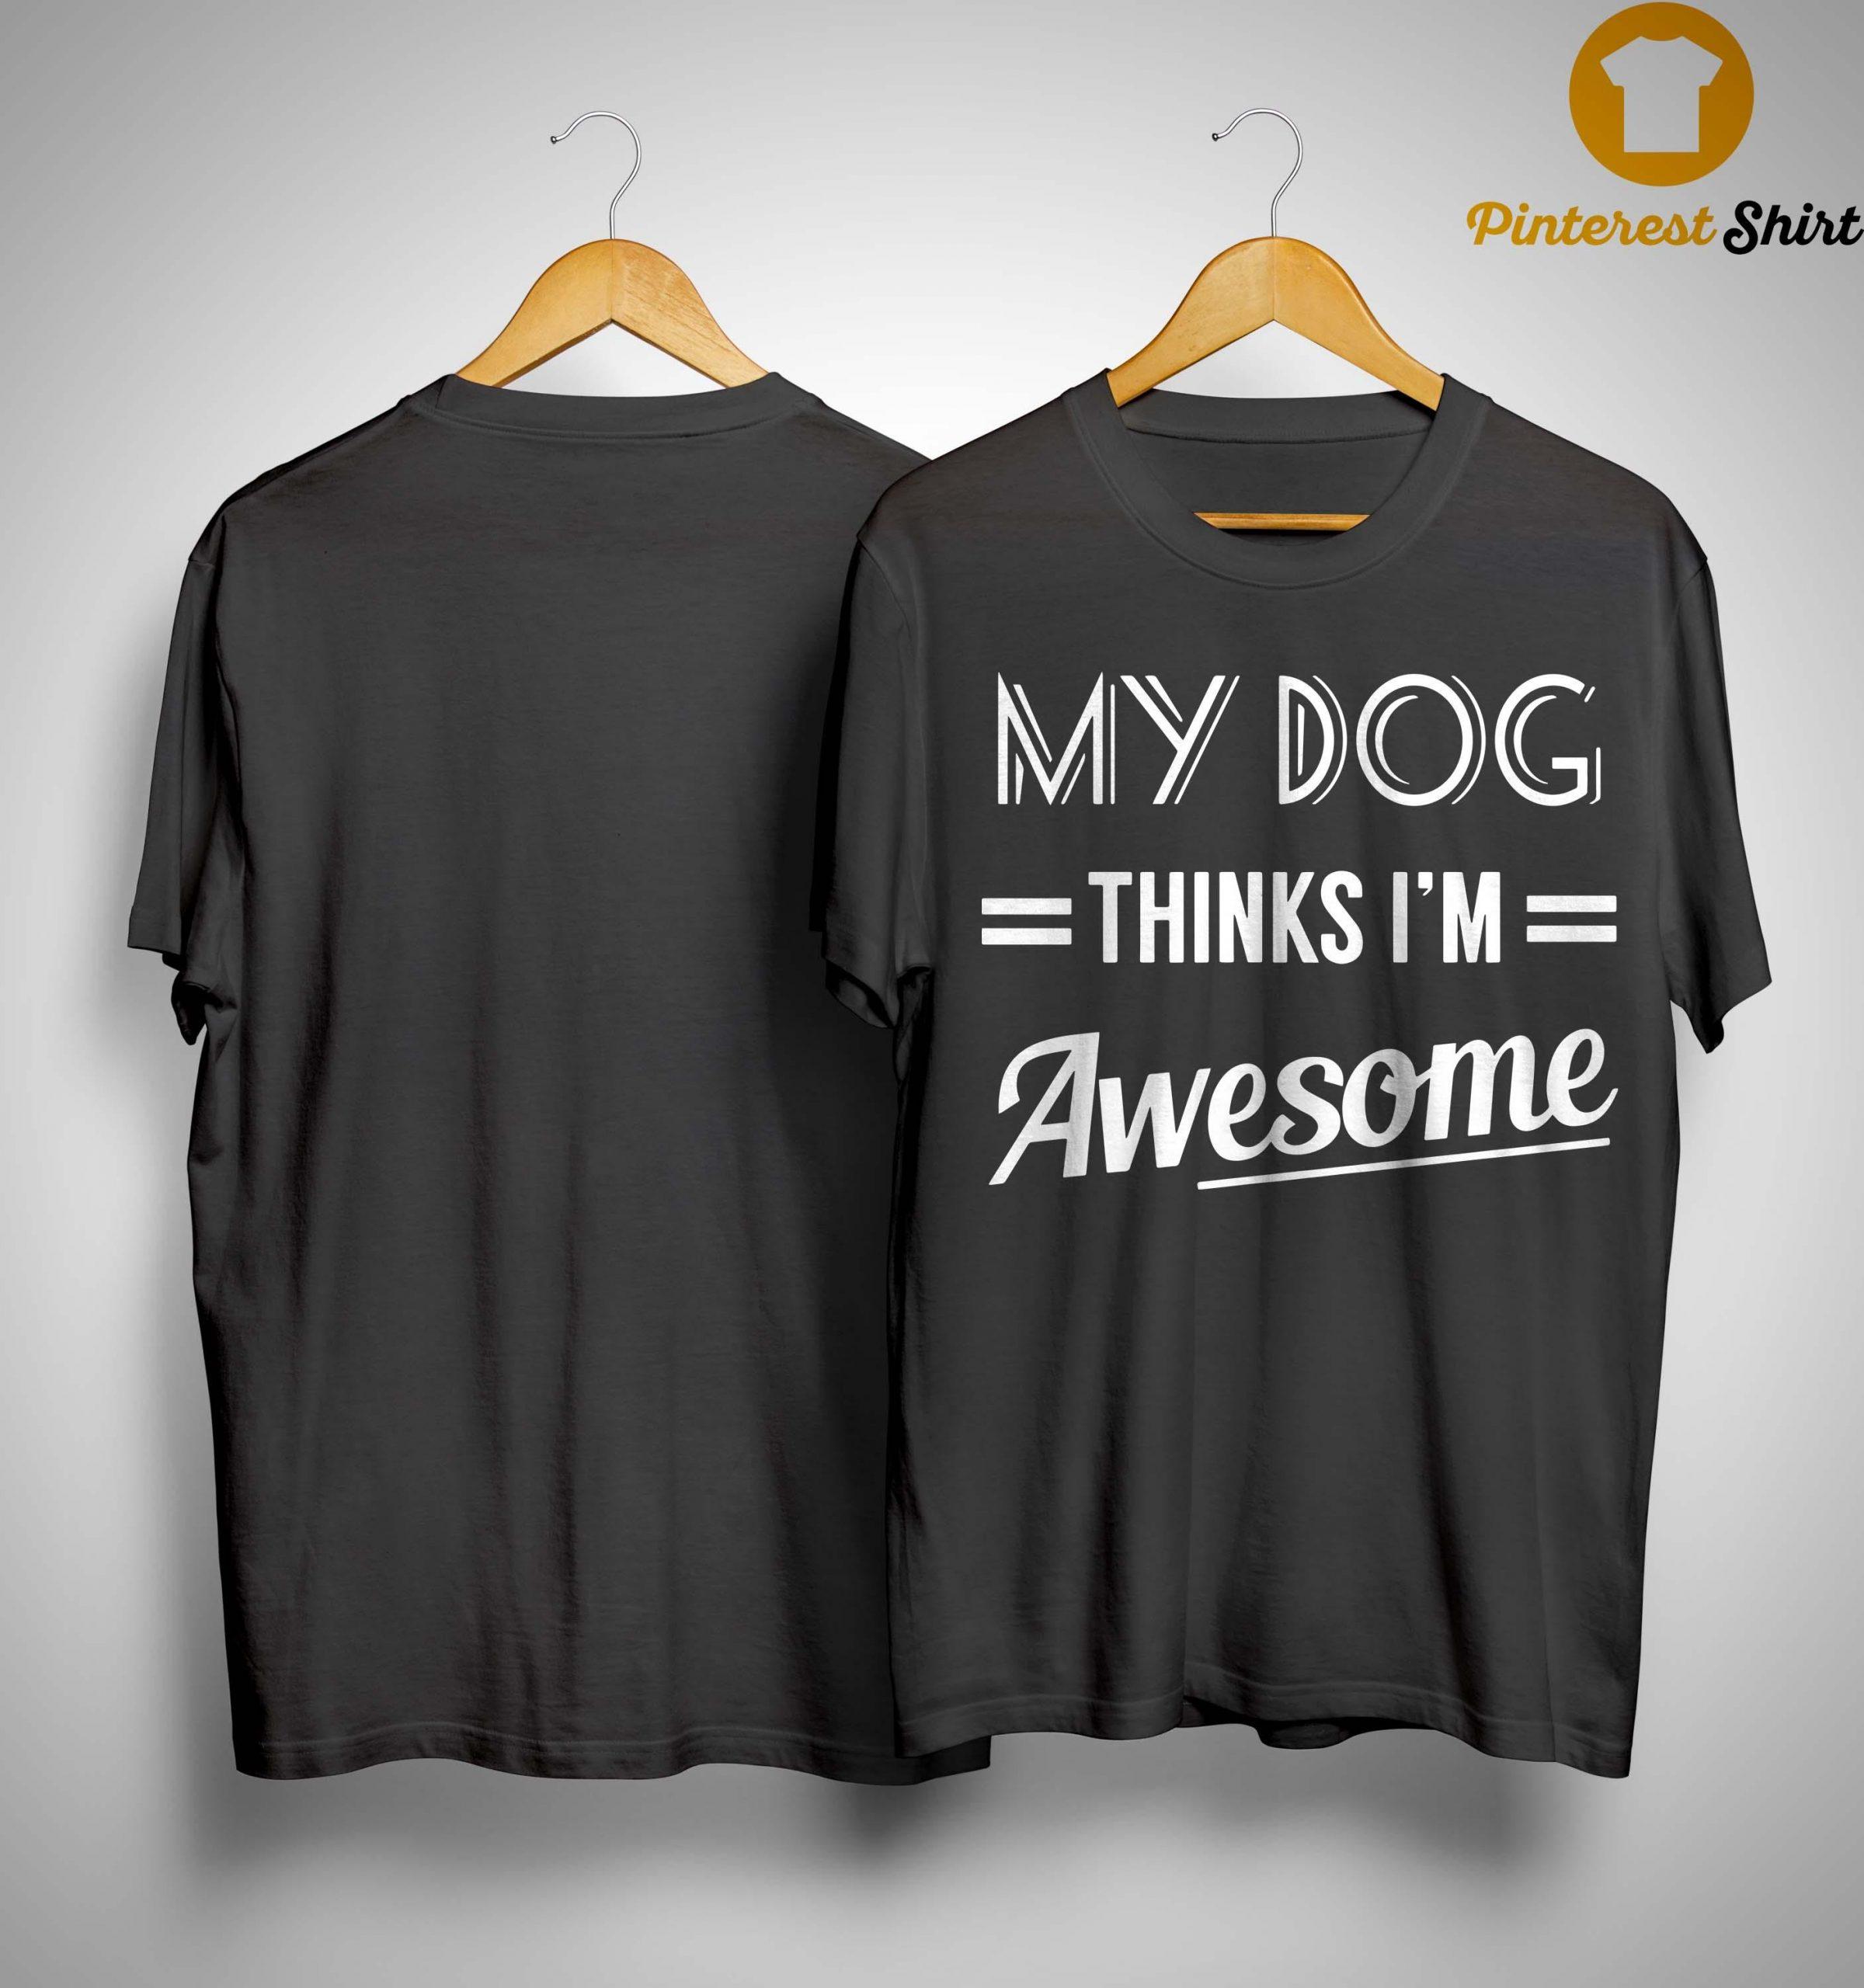 My Dog Thinks I'm Awesome Shirt